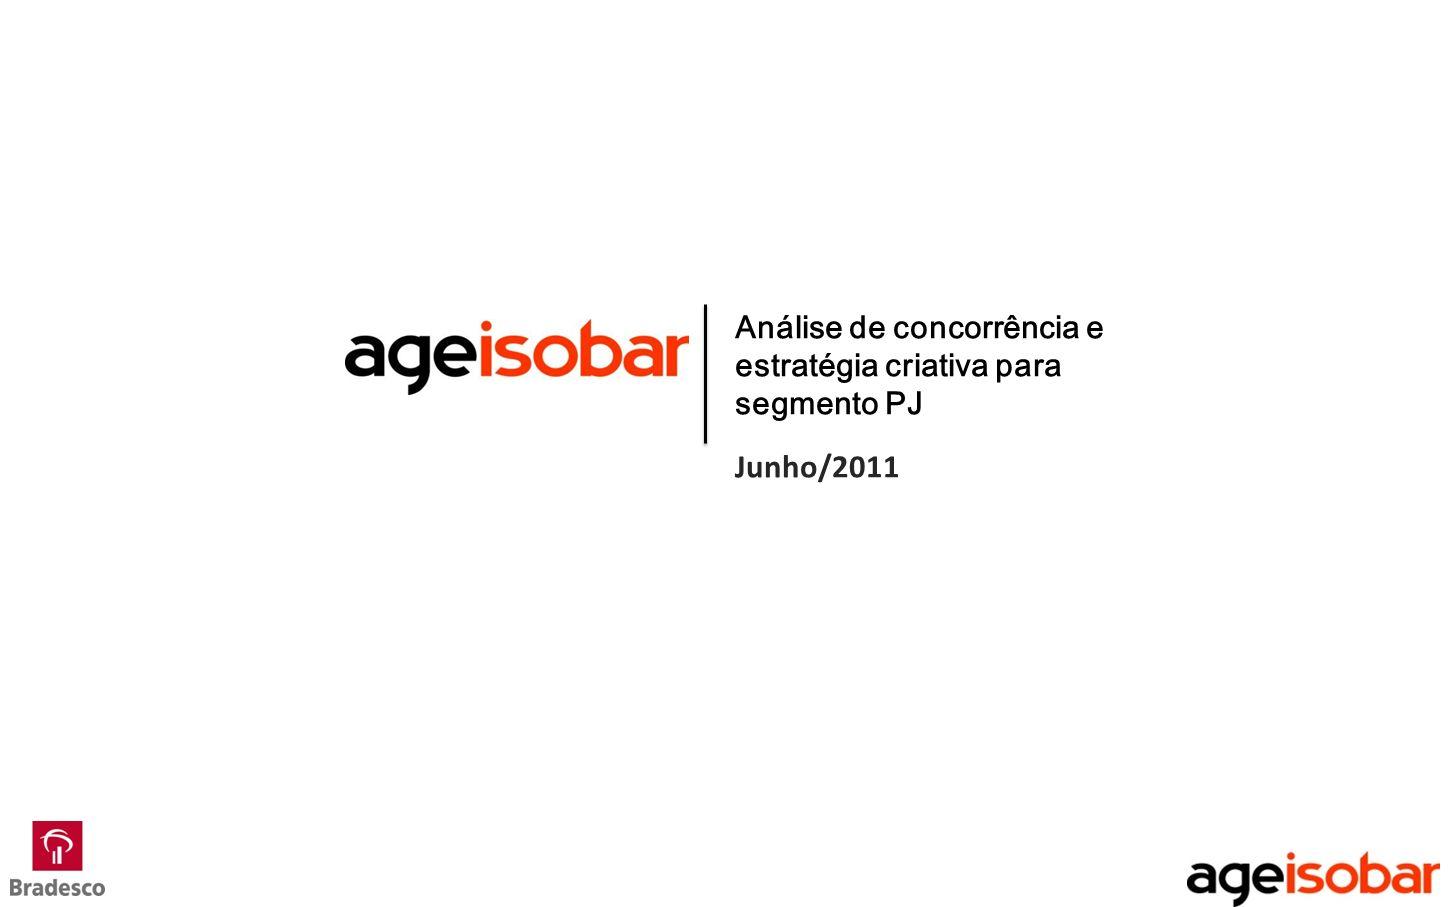 Análise de concorrência e estratégia criativa para segmento PJ Junho/2011